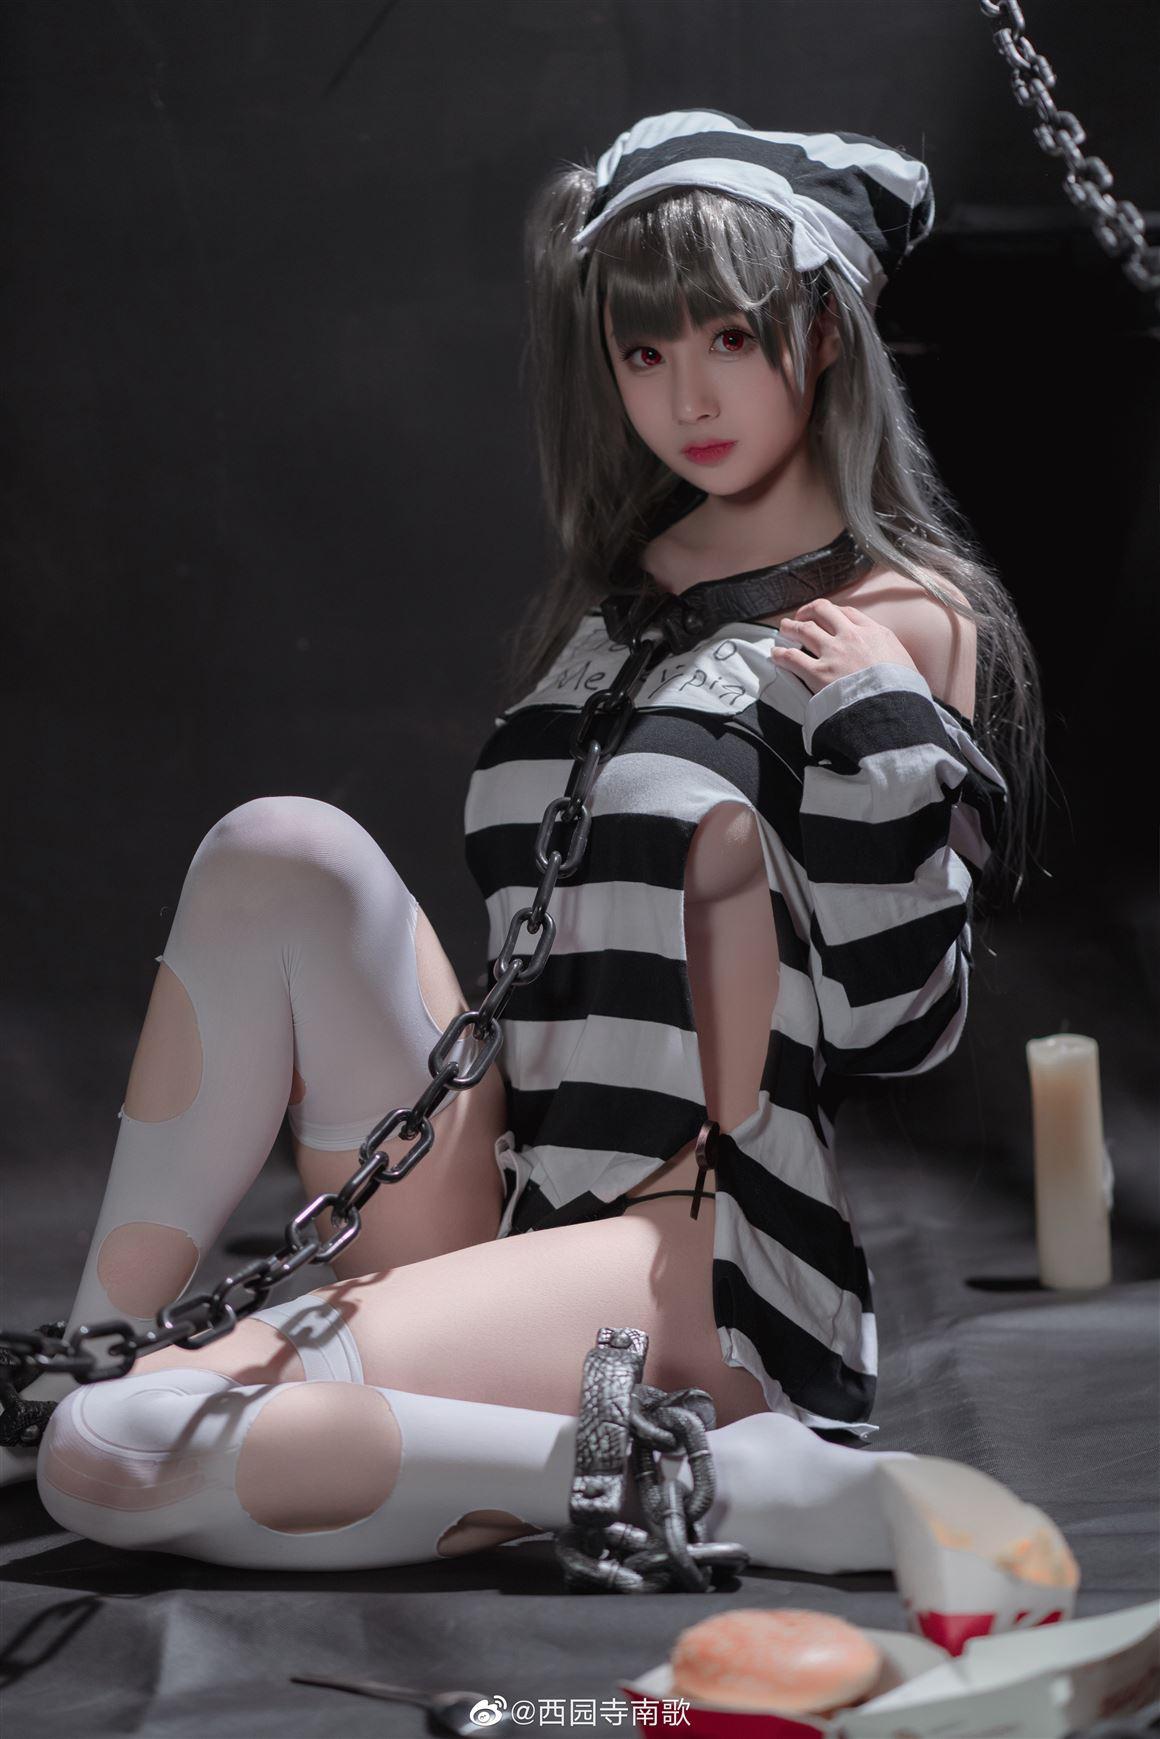 《碧蓝航线》水星纪念之牢狱与诱惑Cosplay【CN:西园寺南歌】 (9P)-第4张